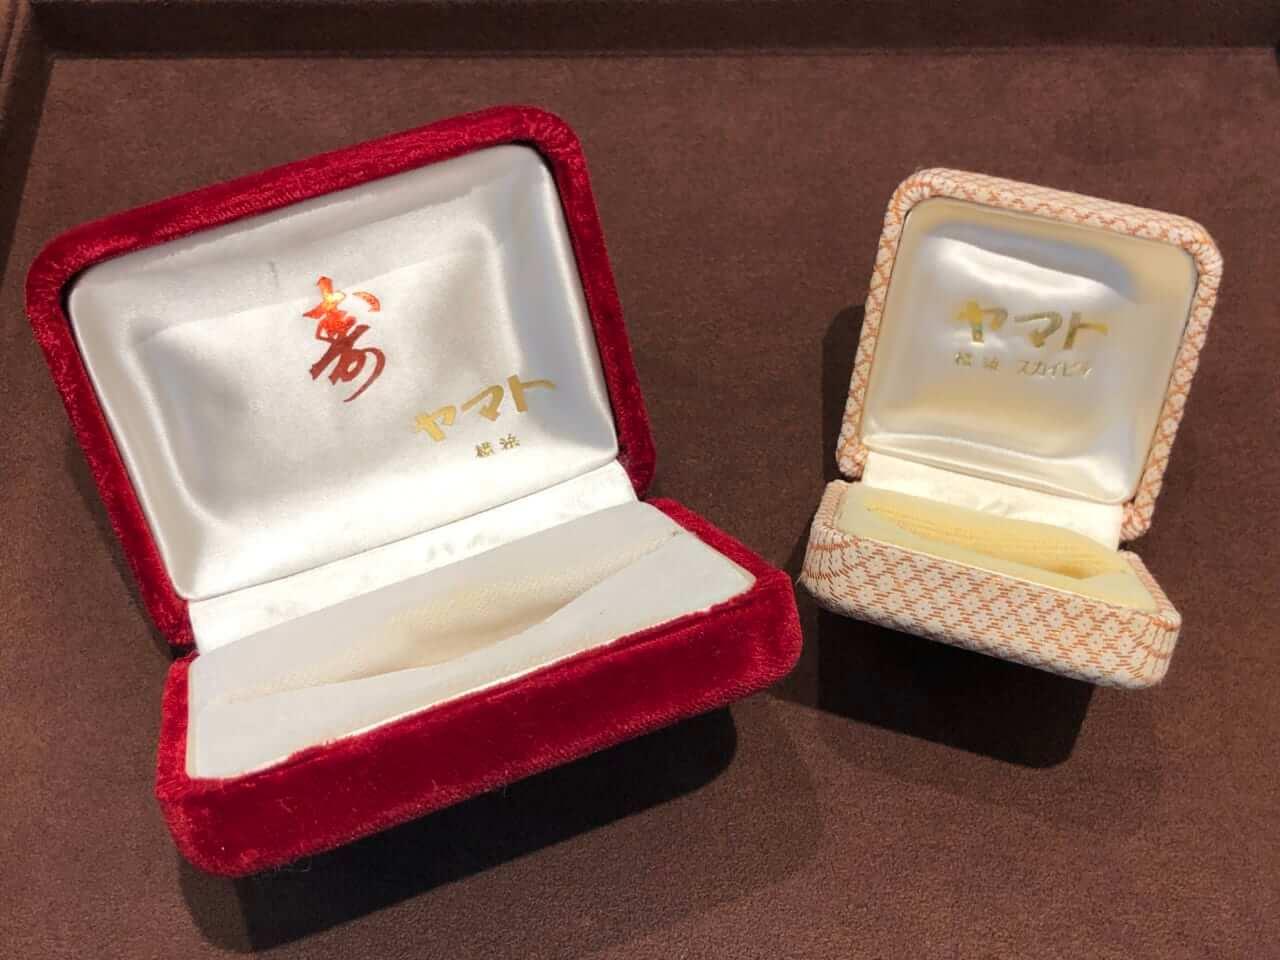 昭和時代のヤマト宝飾 ケース